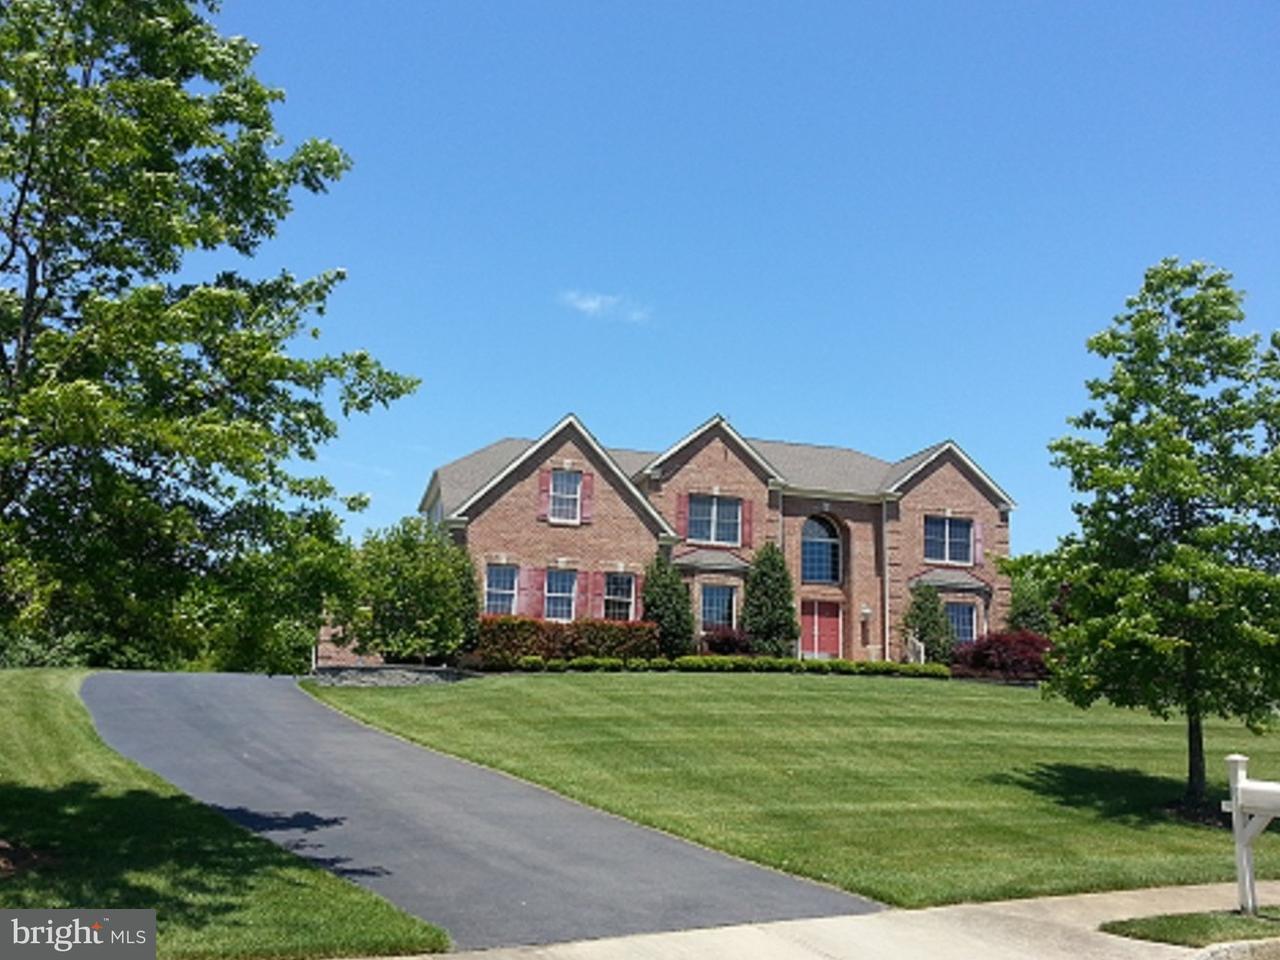 Maison unifamiliale pour l Vente à 12 MASON Drive Cream Ridge, New Jersey 08514 États-UnisDans/Autour: Upper Freehold Township